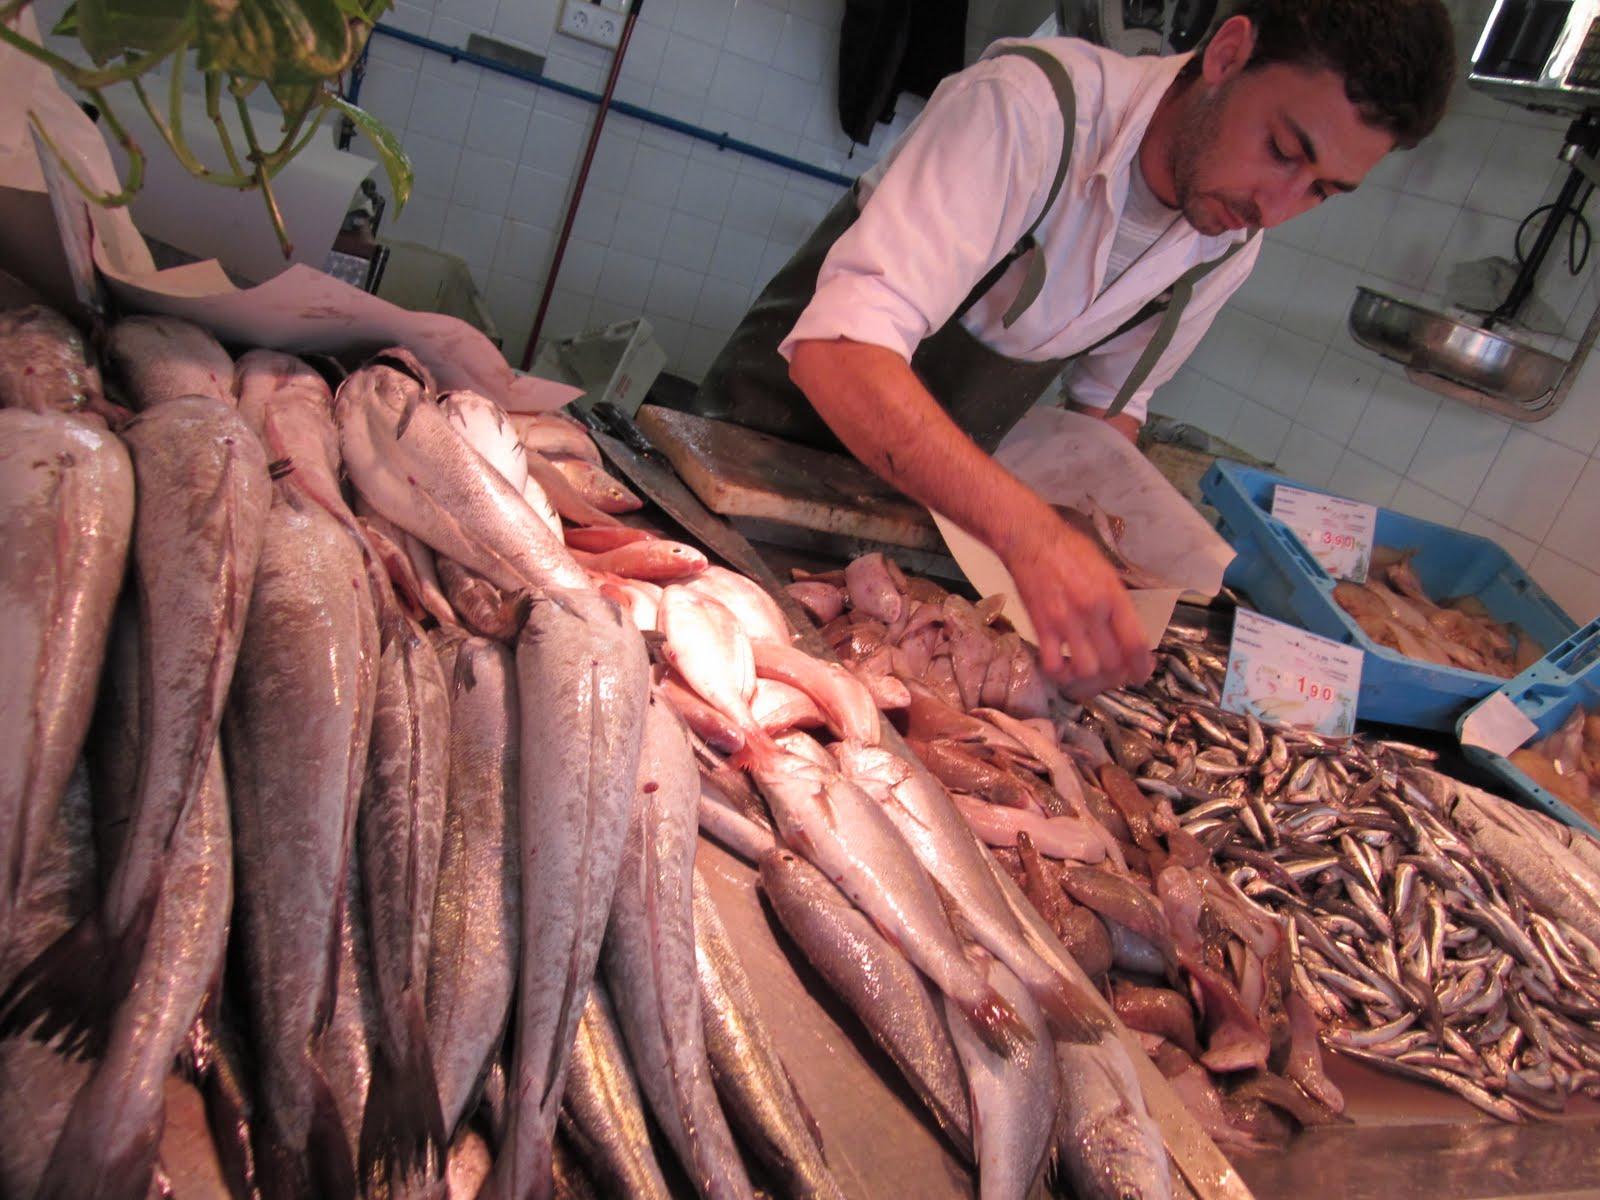 Un estudio recupera los vocablos típicos del habla de la Costa de Huelva relativos al pescado y la gastronomía marinera